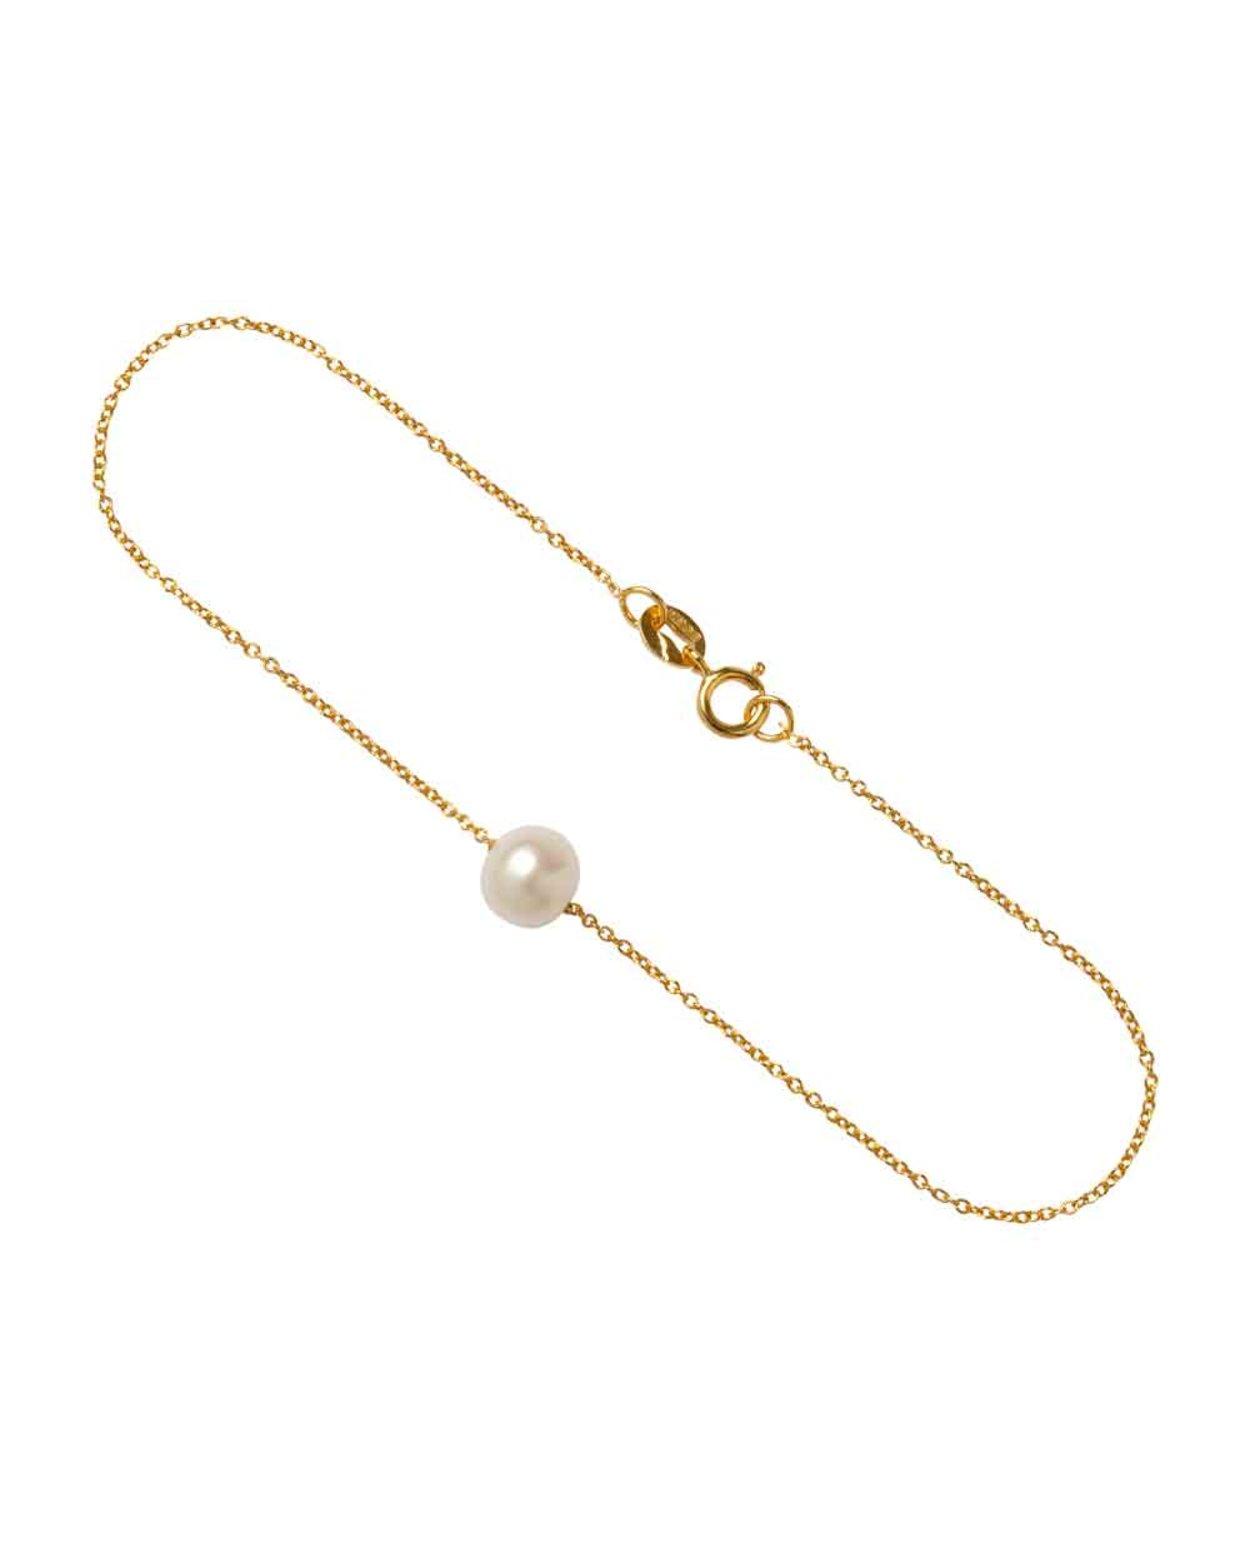 9kt Gold Floating Pearl Bracelet